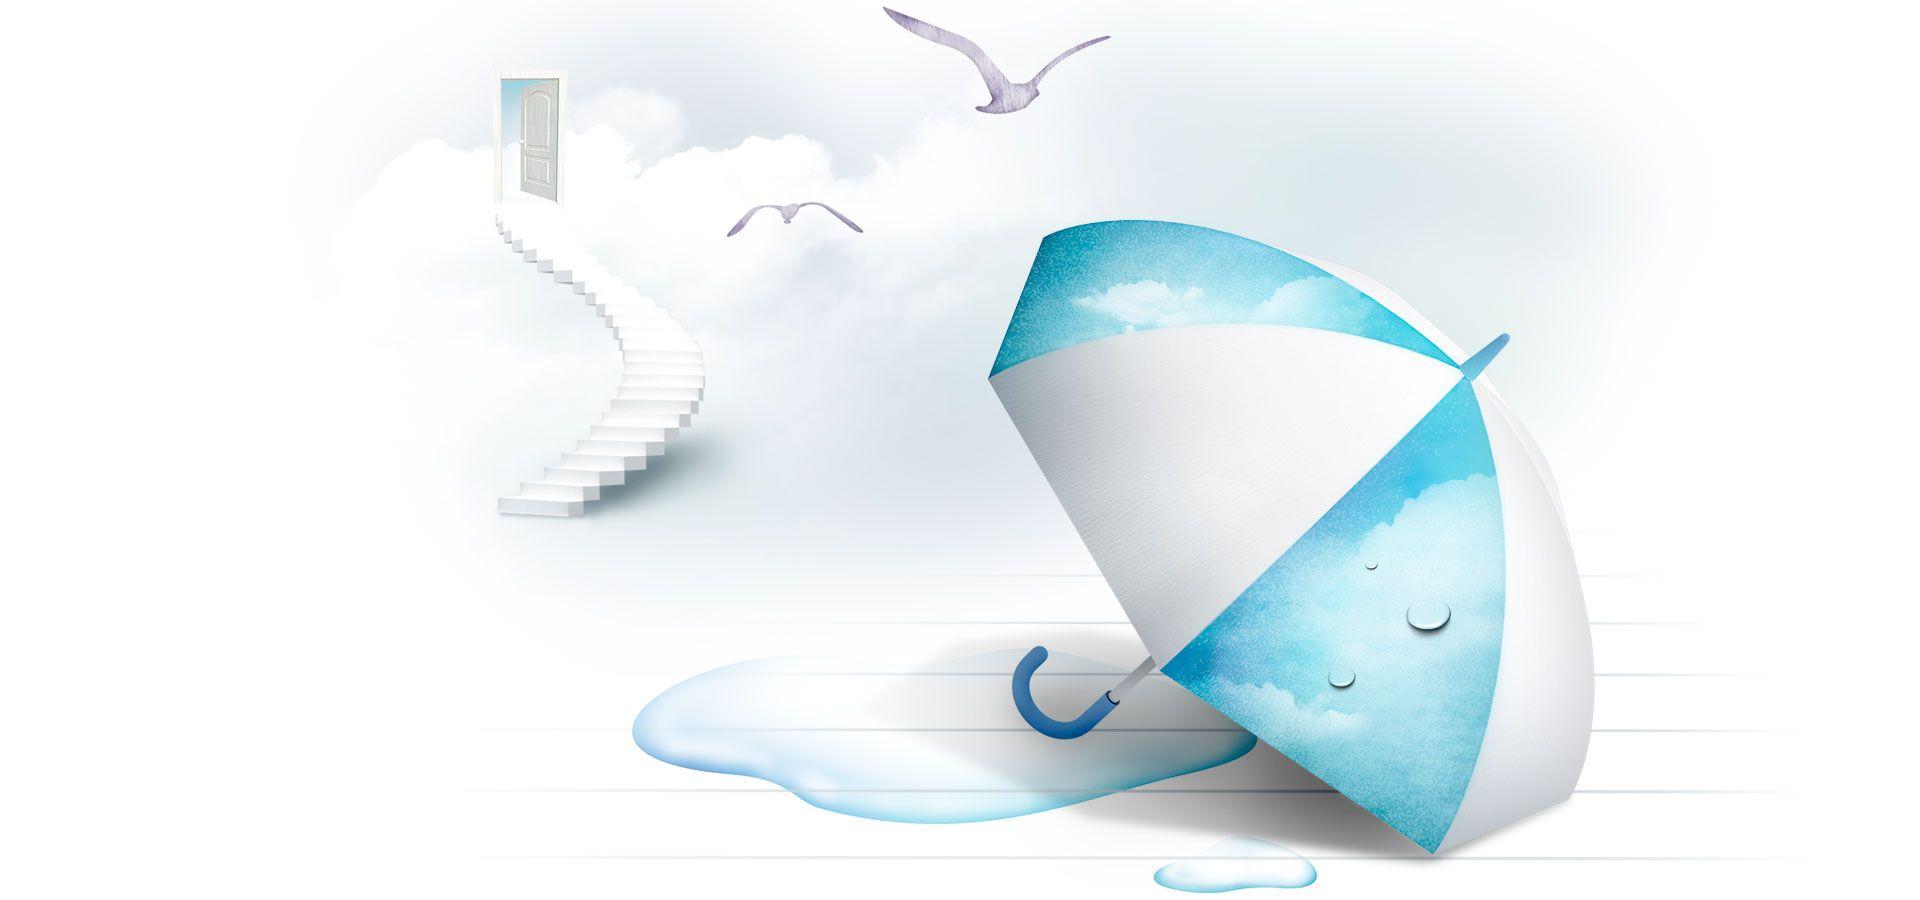 مظلة غلوب كرتون بسيطة الخلفية Simple Backgrounds Cartoon Background Umbrella